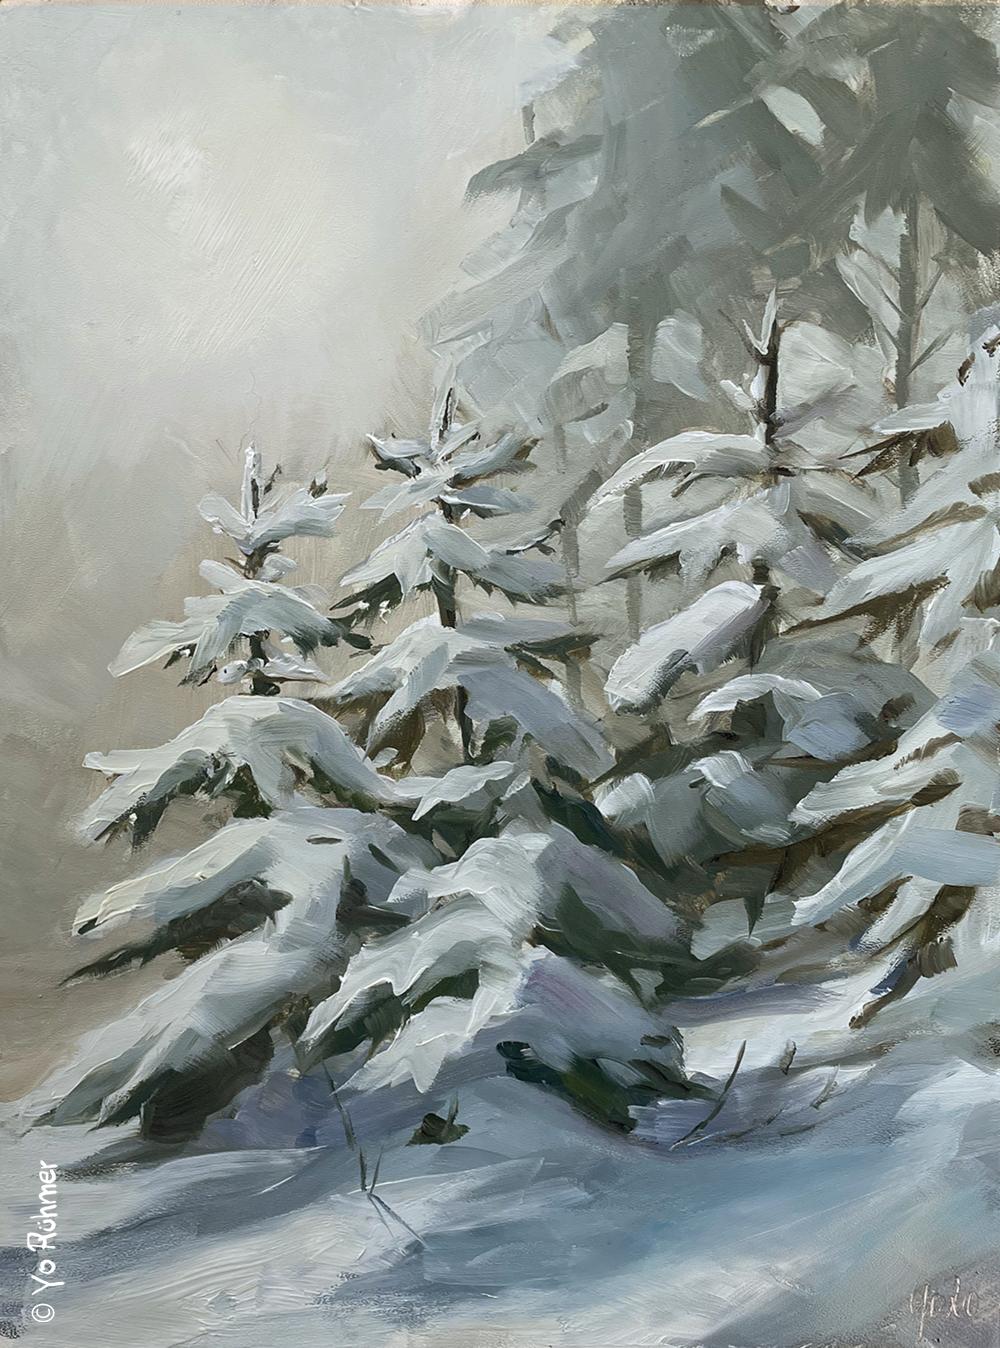 Schnee_Tannen_gemalt